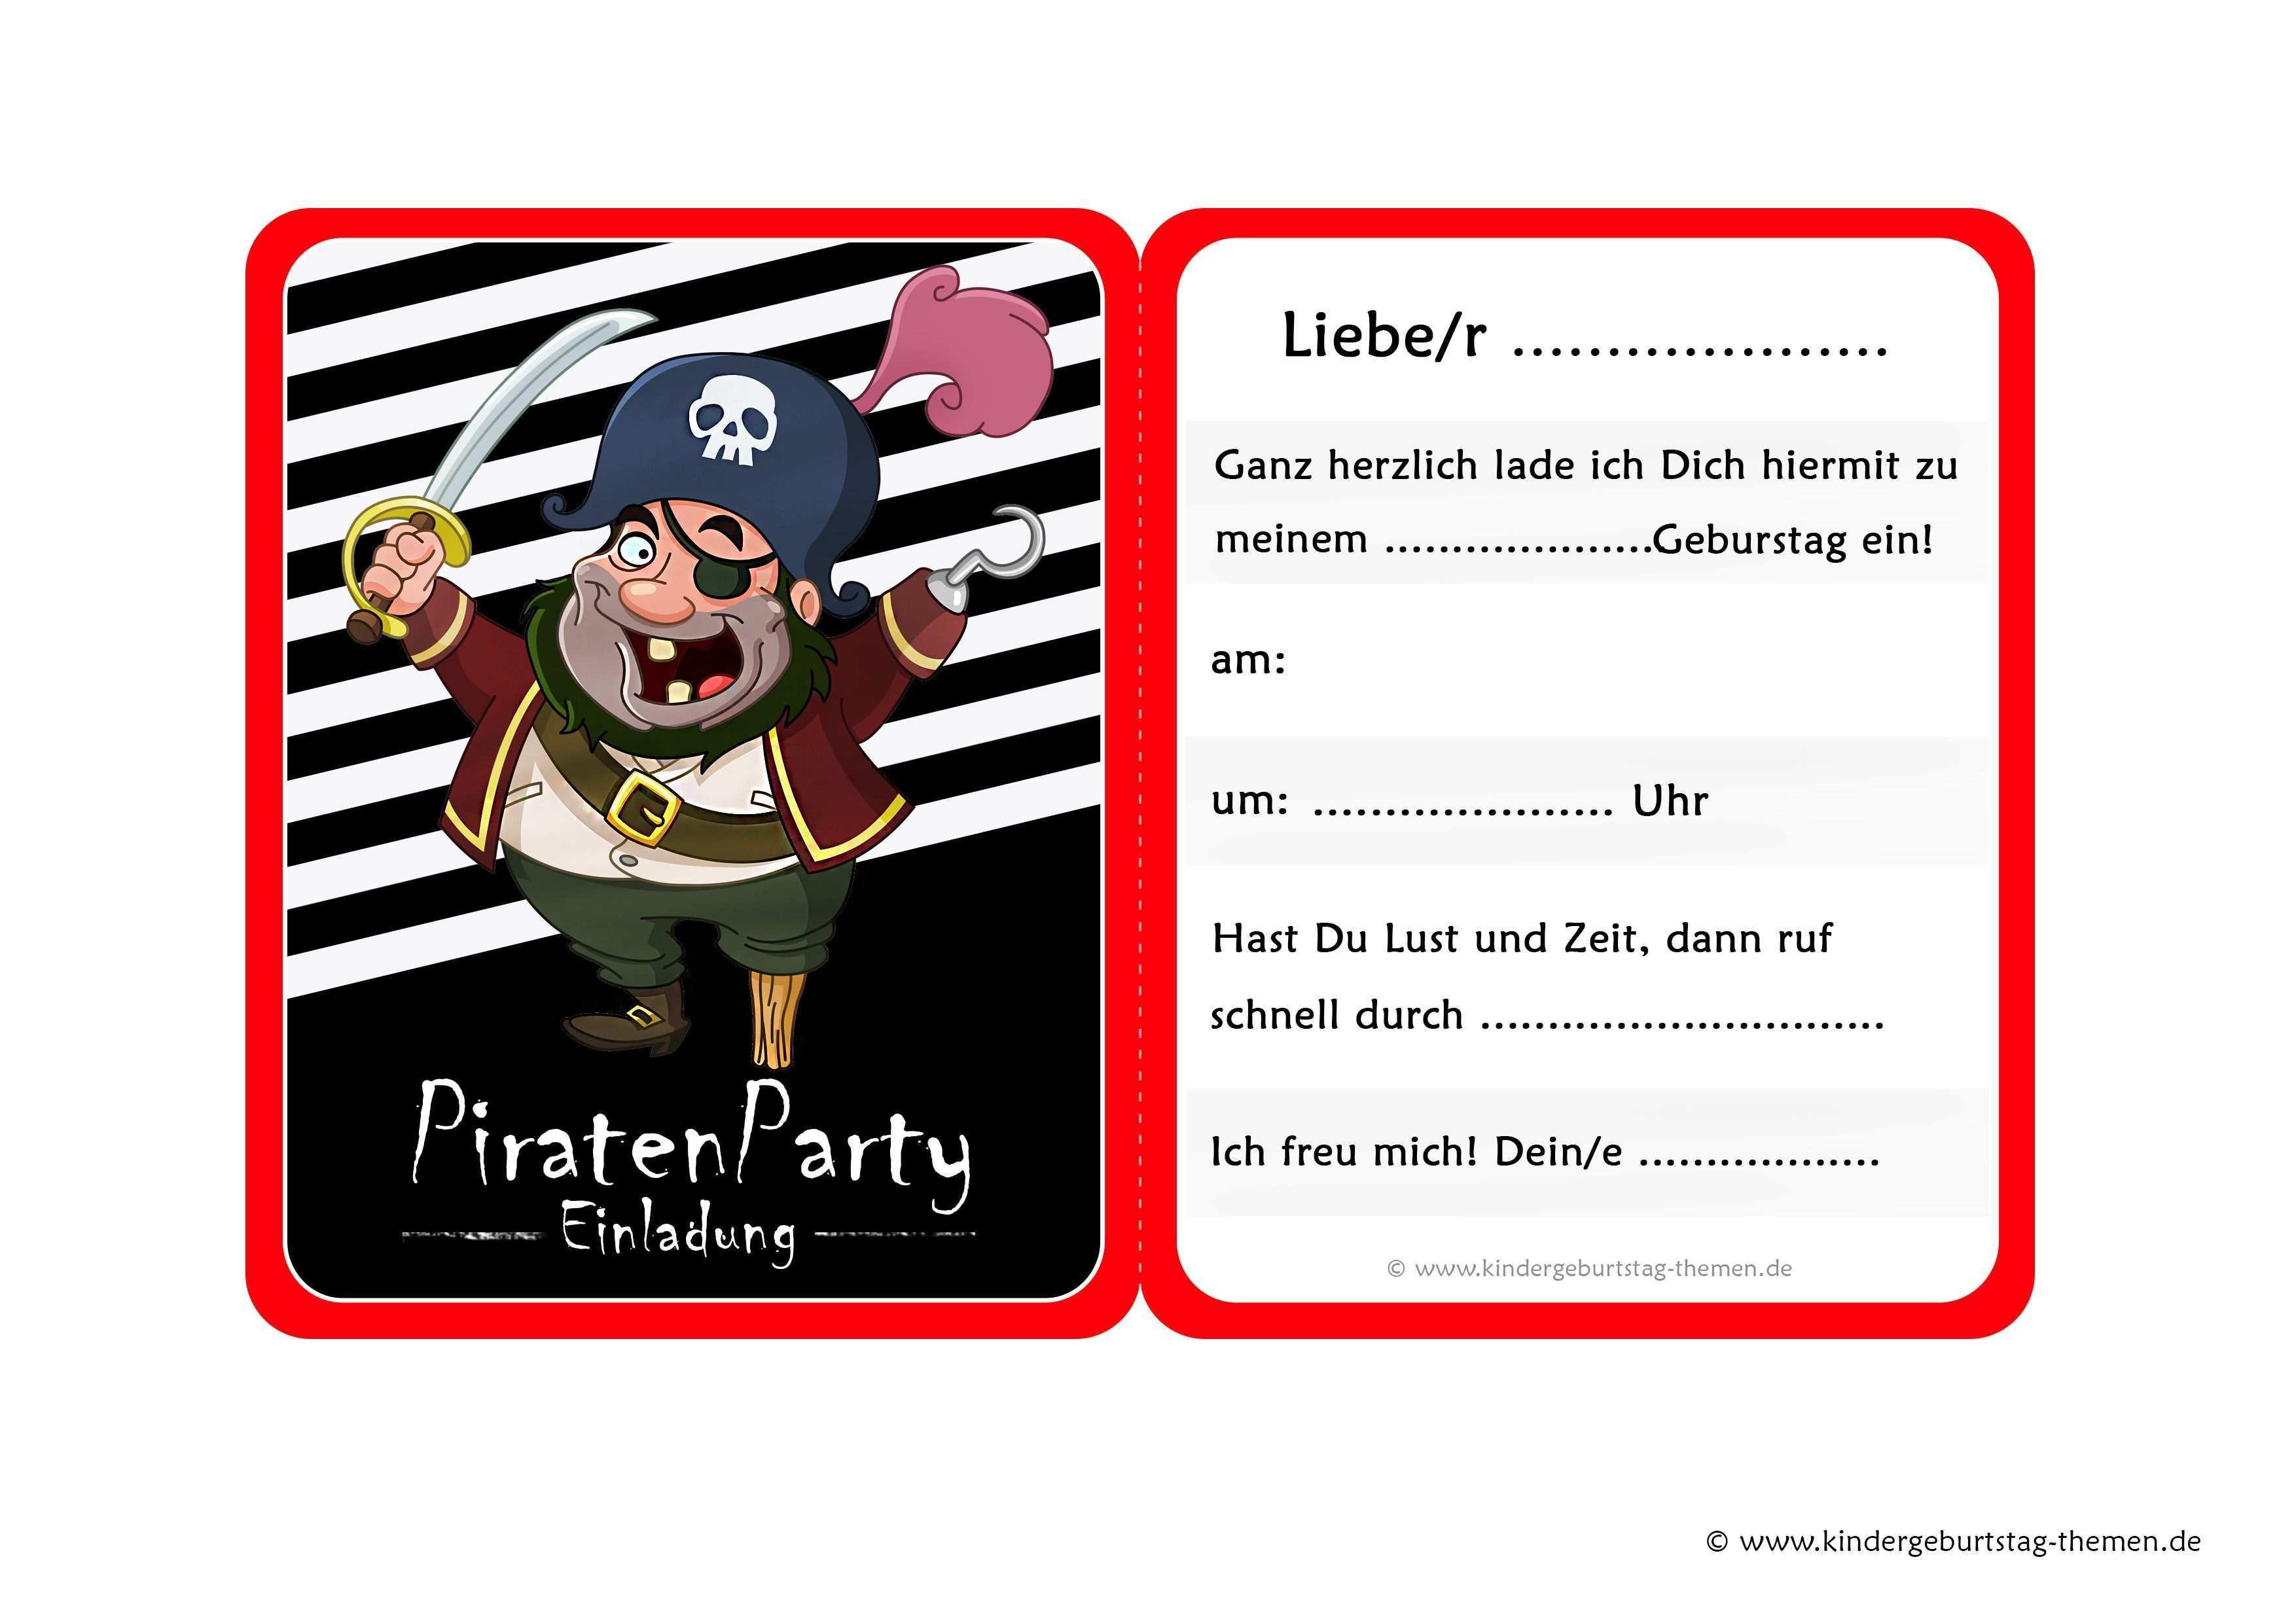 Einladungen Geburtstag Vorlagen Kostenlos Downloaden Geburtstag Einladung Kostenlos Geburtstag Einladung Kostenlos Cards Card Template Birthday Invitations